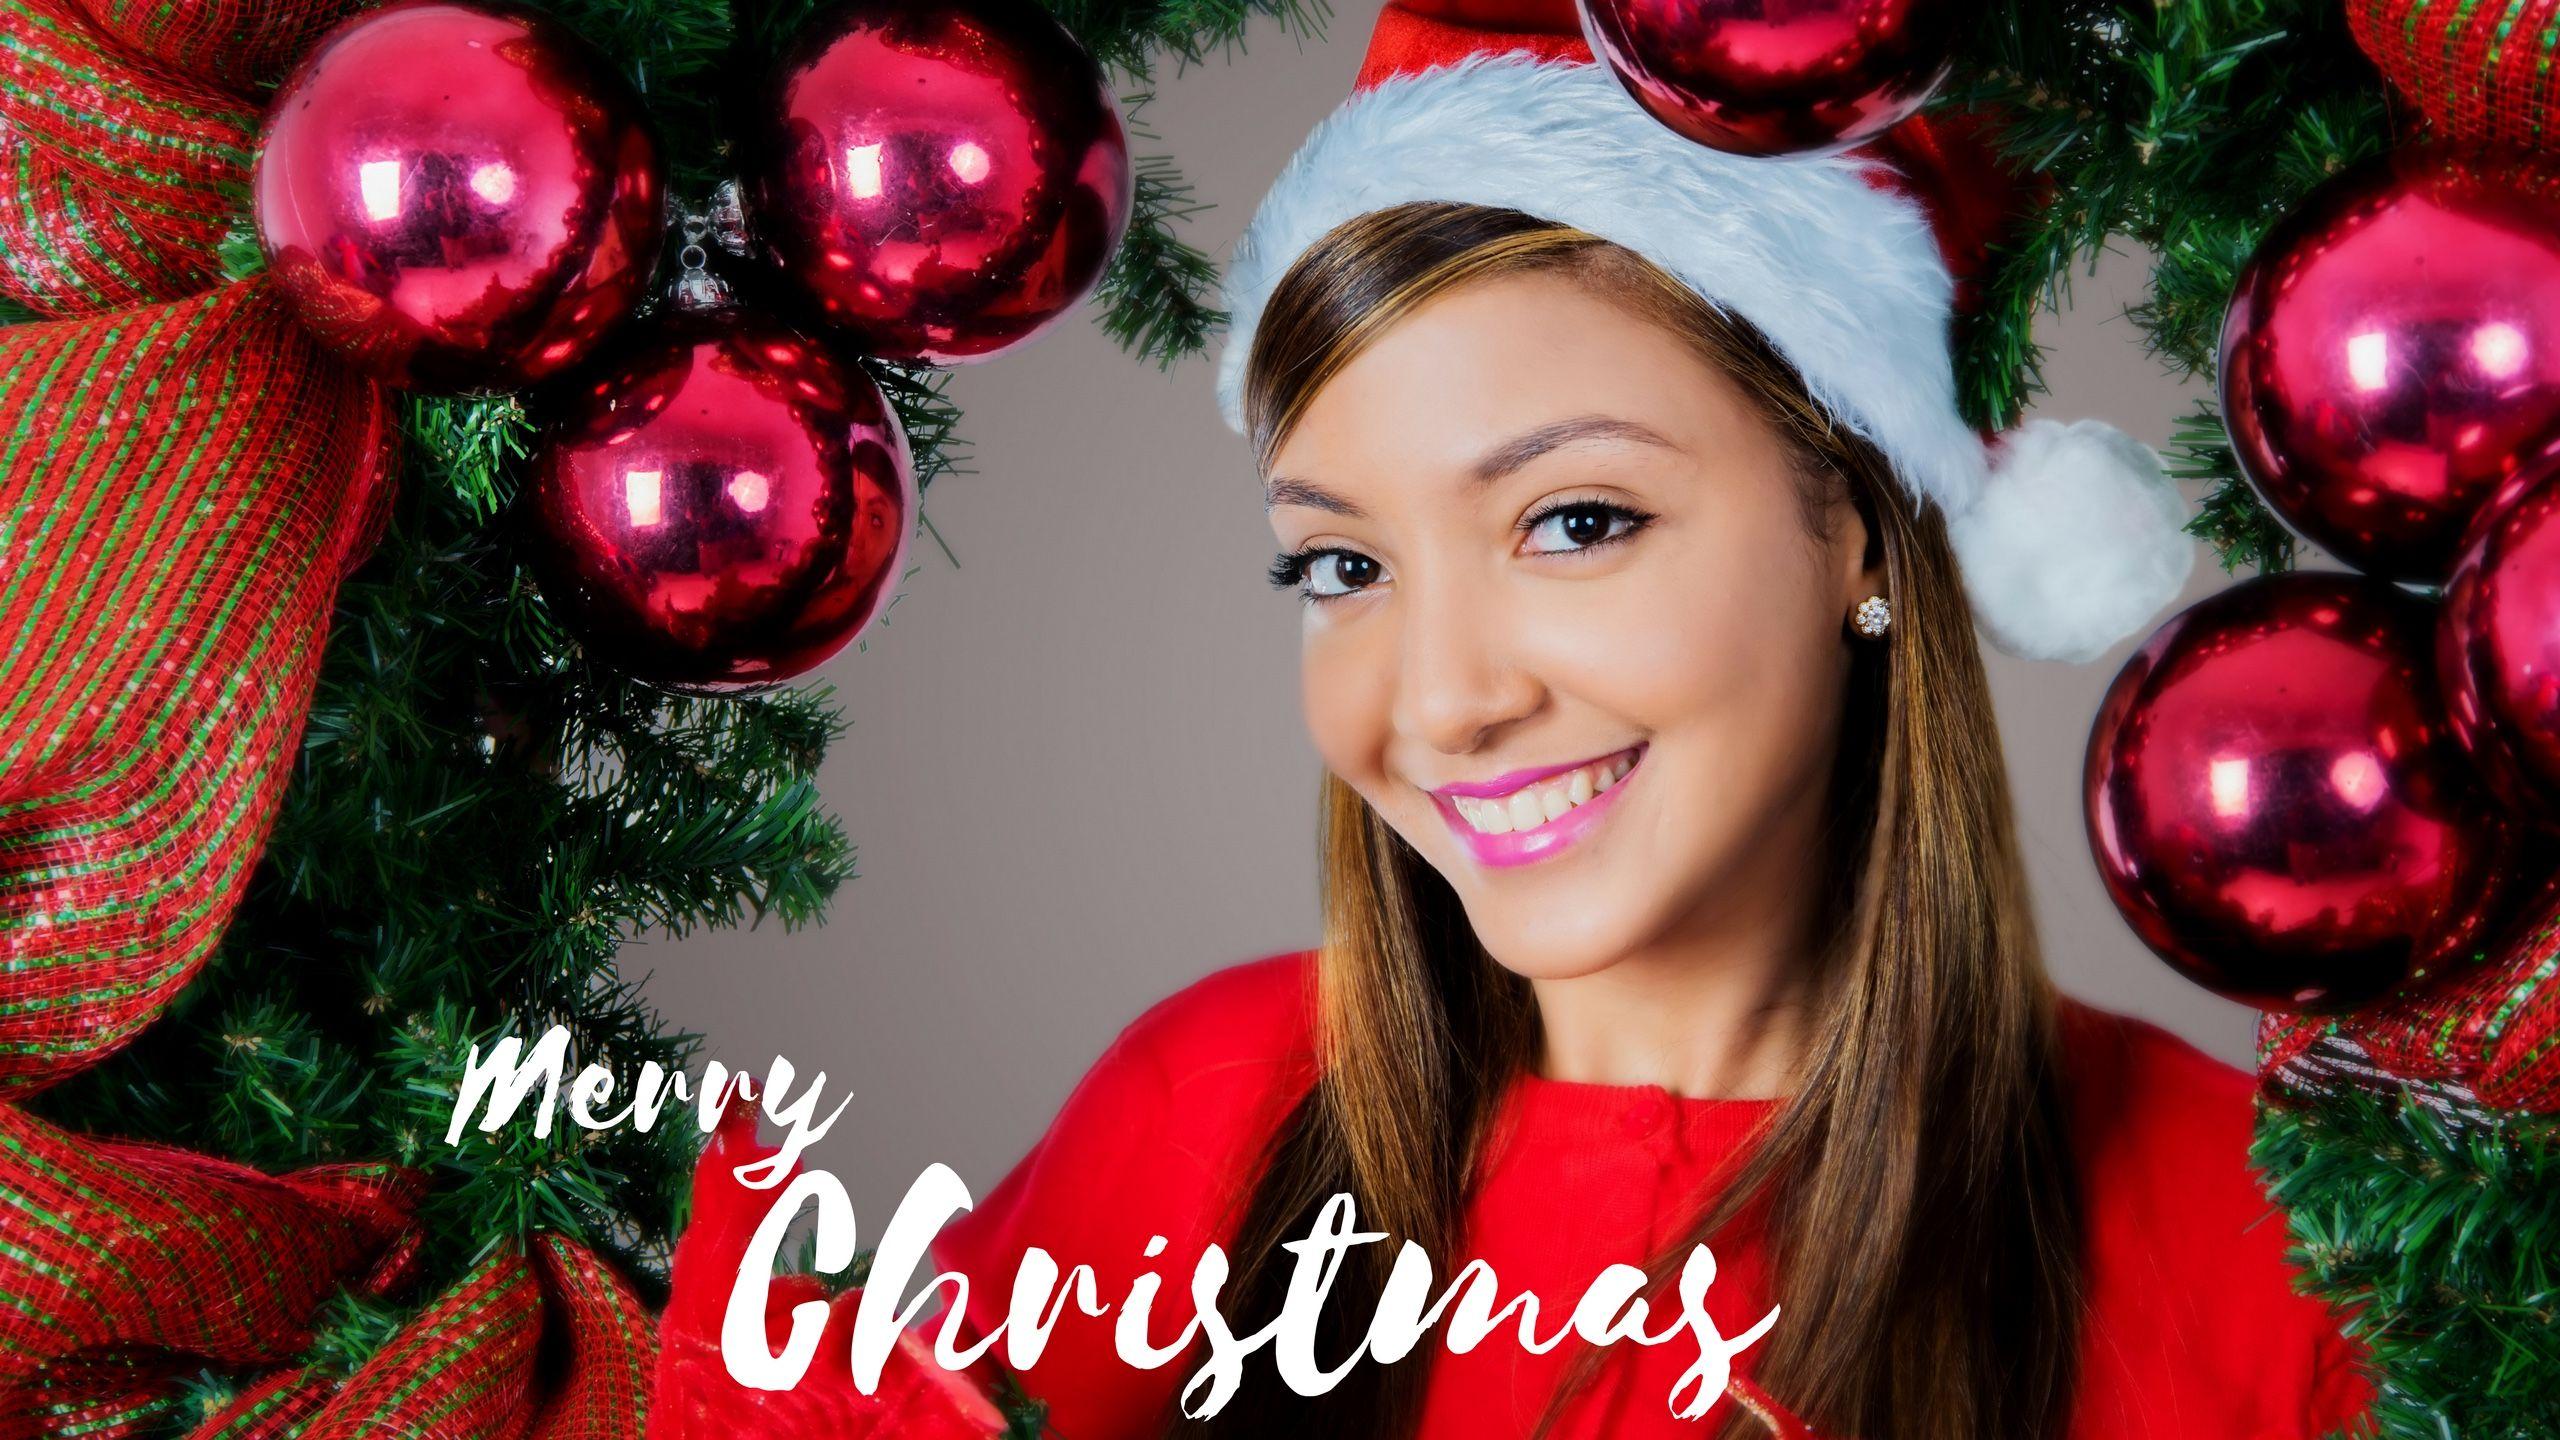 I Wanna Wish You A Merry Christmas.I Wanna Wish You A Merry Christmas I Wanna Wish You A Merry